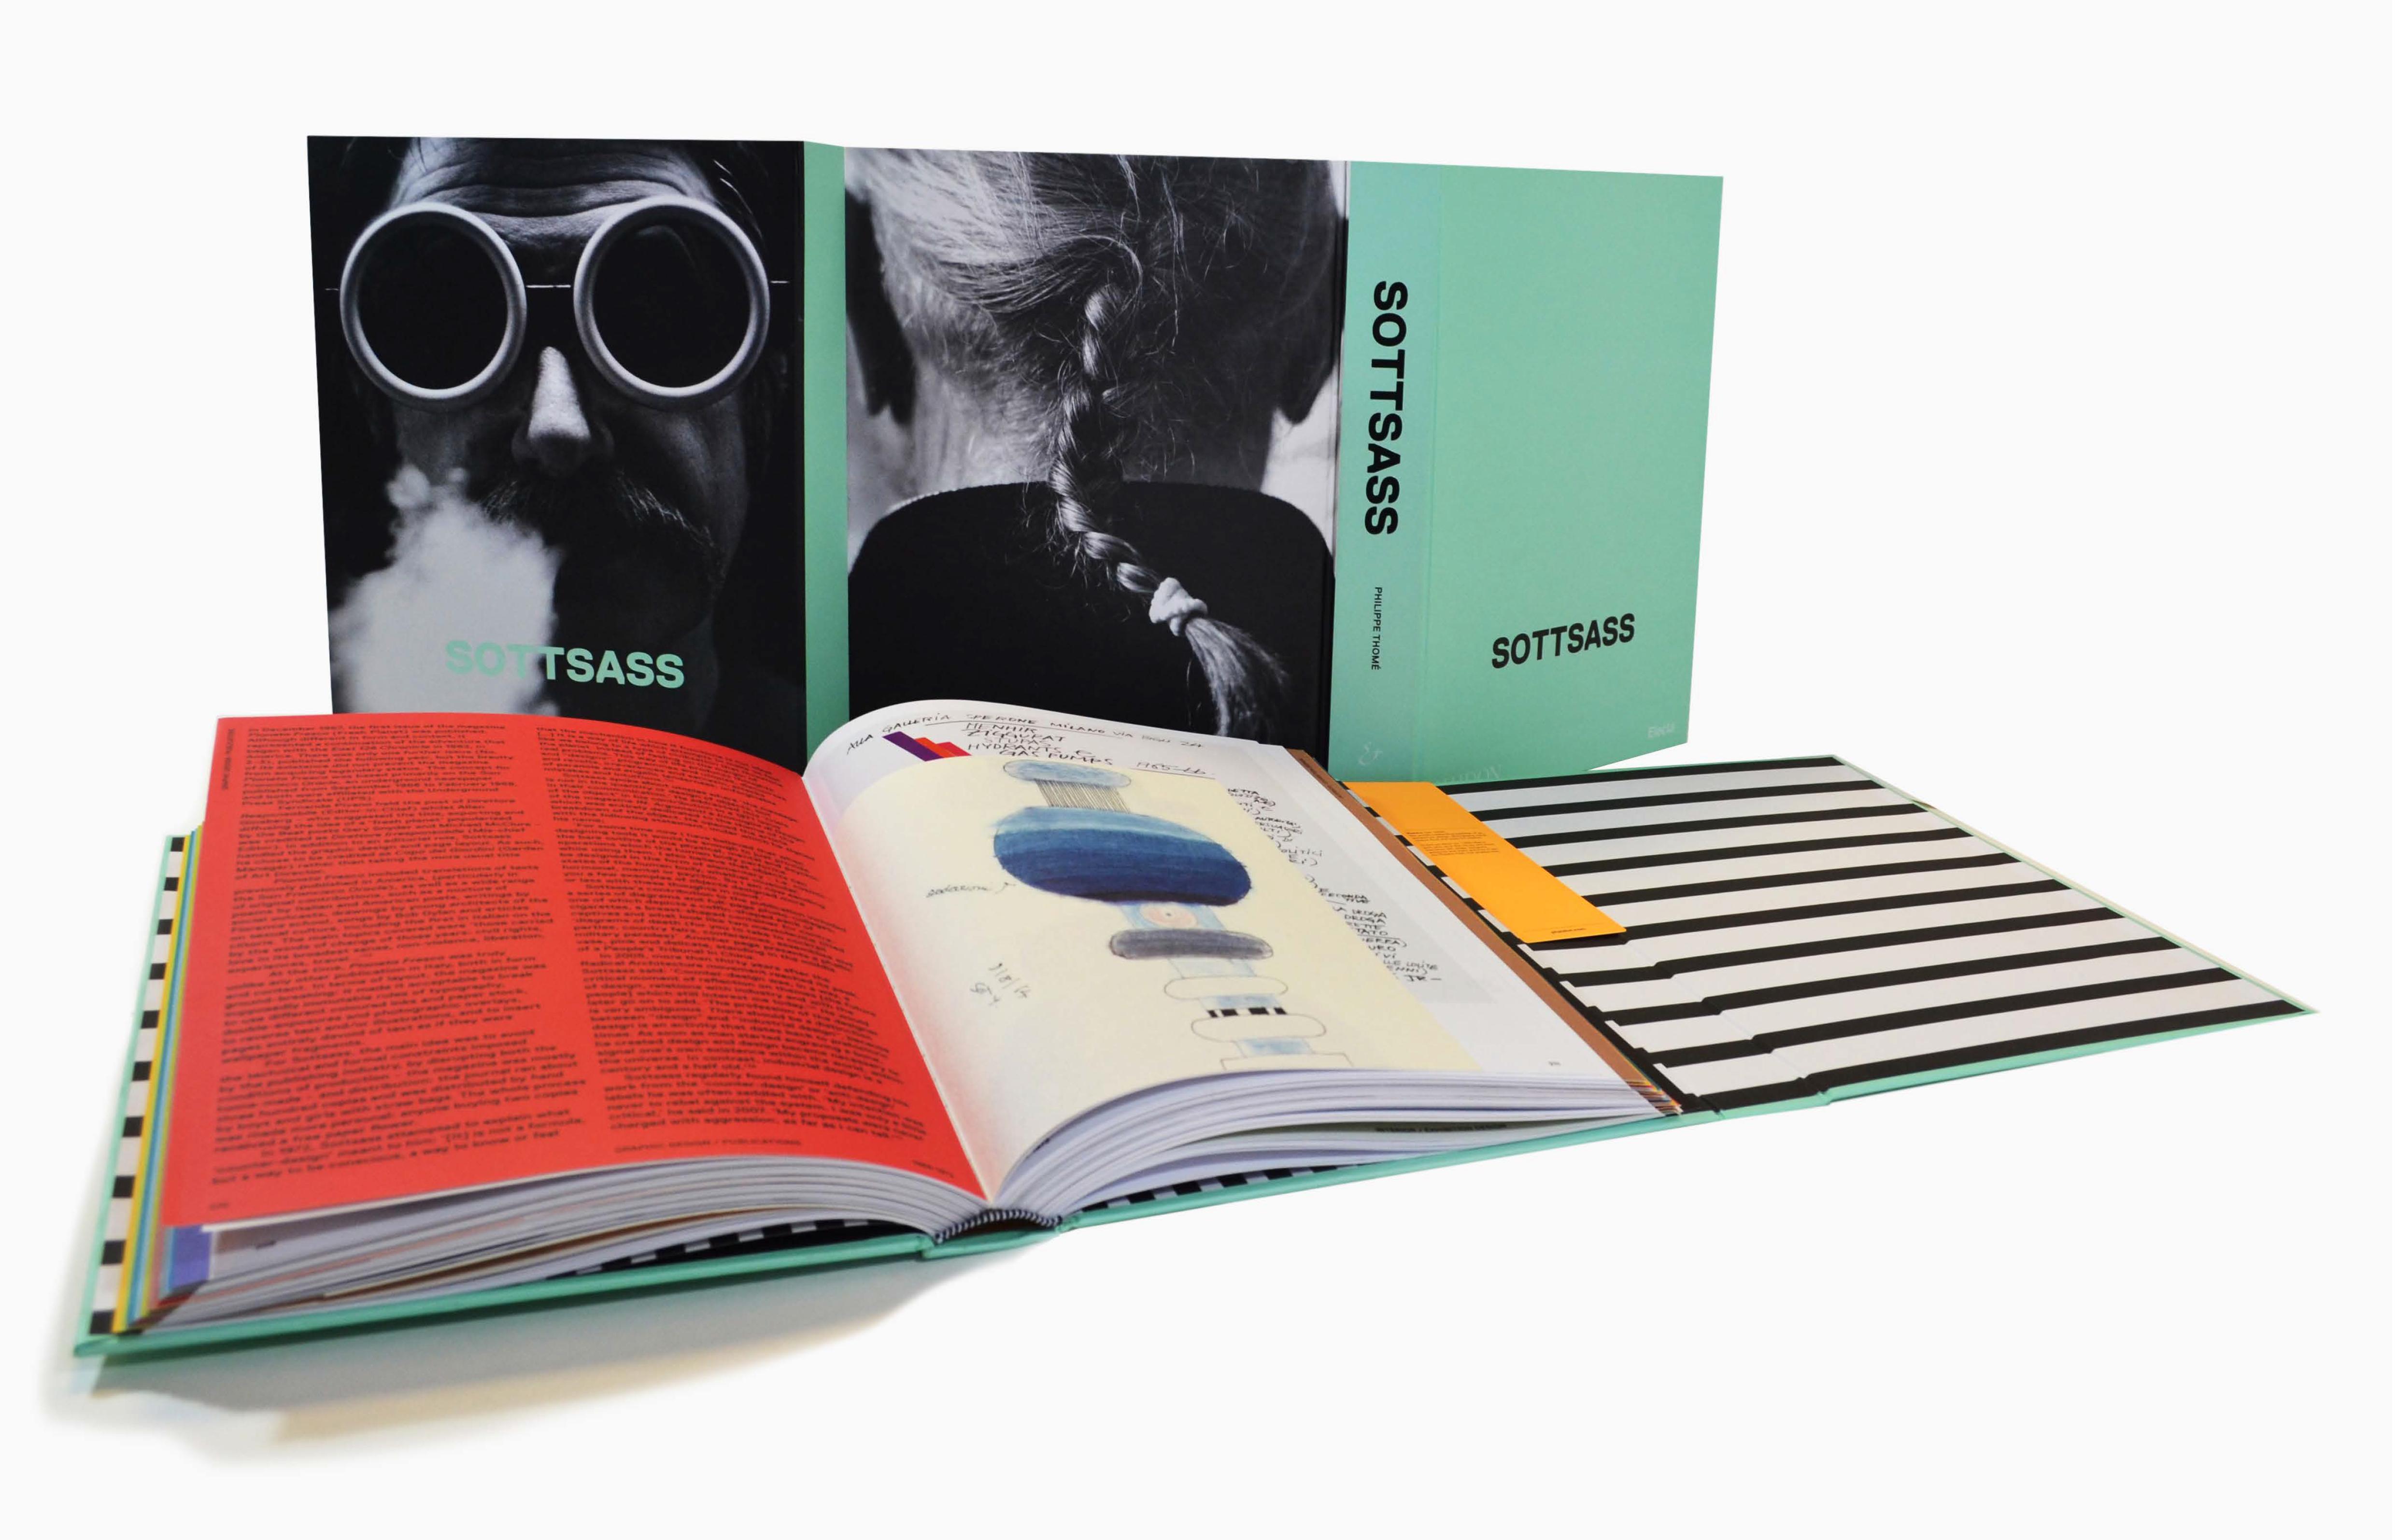 La monografia su Ettore Sottsass a marchio Electa